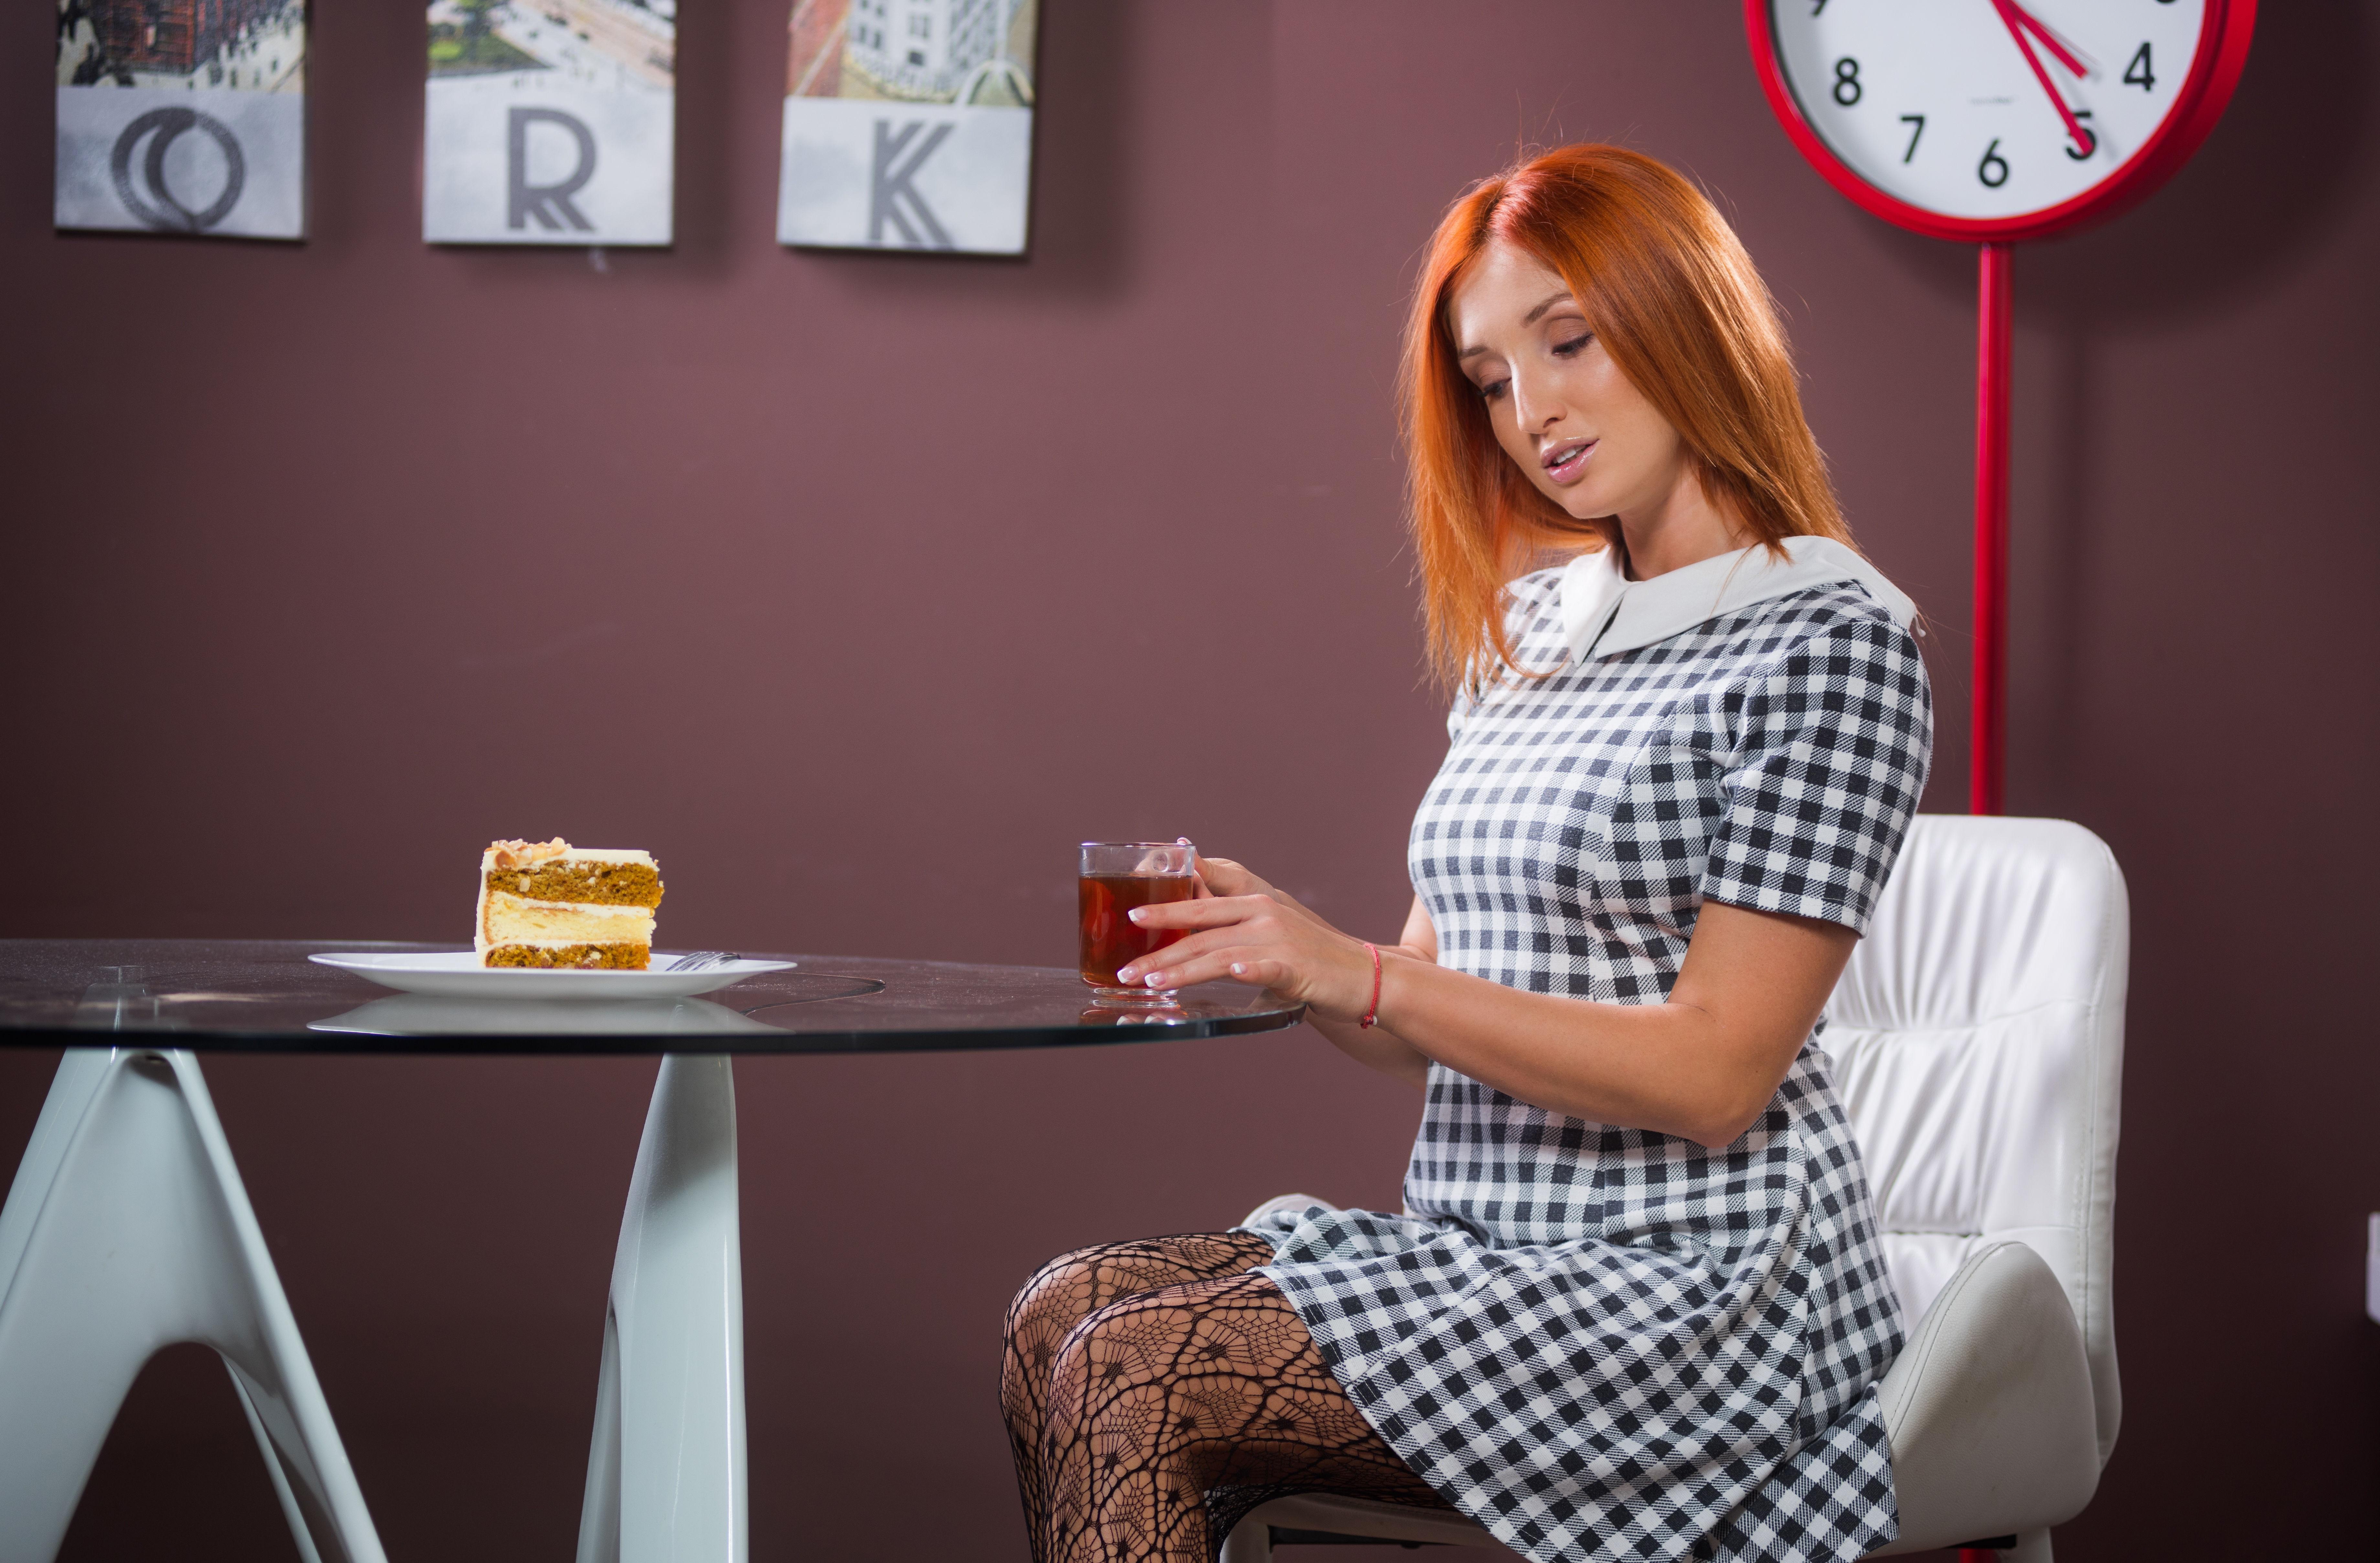 Fotos Rotschopf Tee Mädchens Frühstück Tisch Sitzend Törtchen Kleid 7360x4832